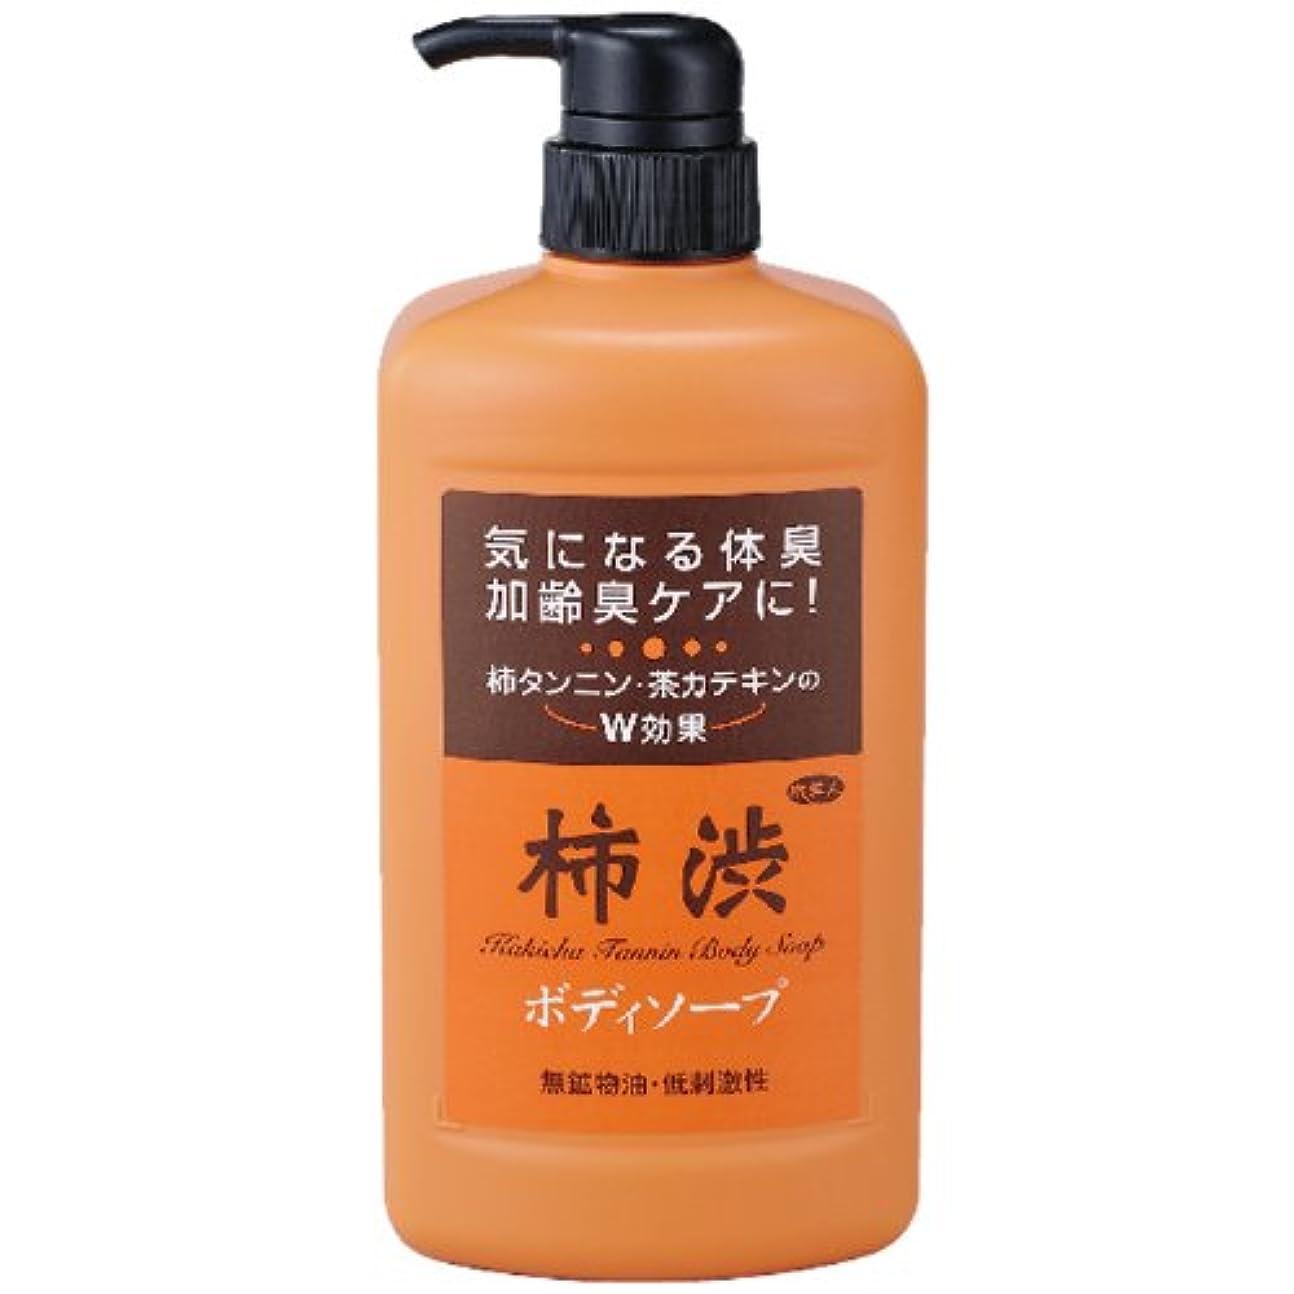 シャープパイロットタイピストアズマ商事の 柿渋ボディソープ850ml